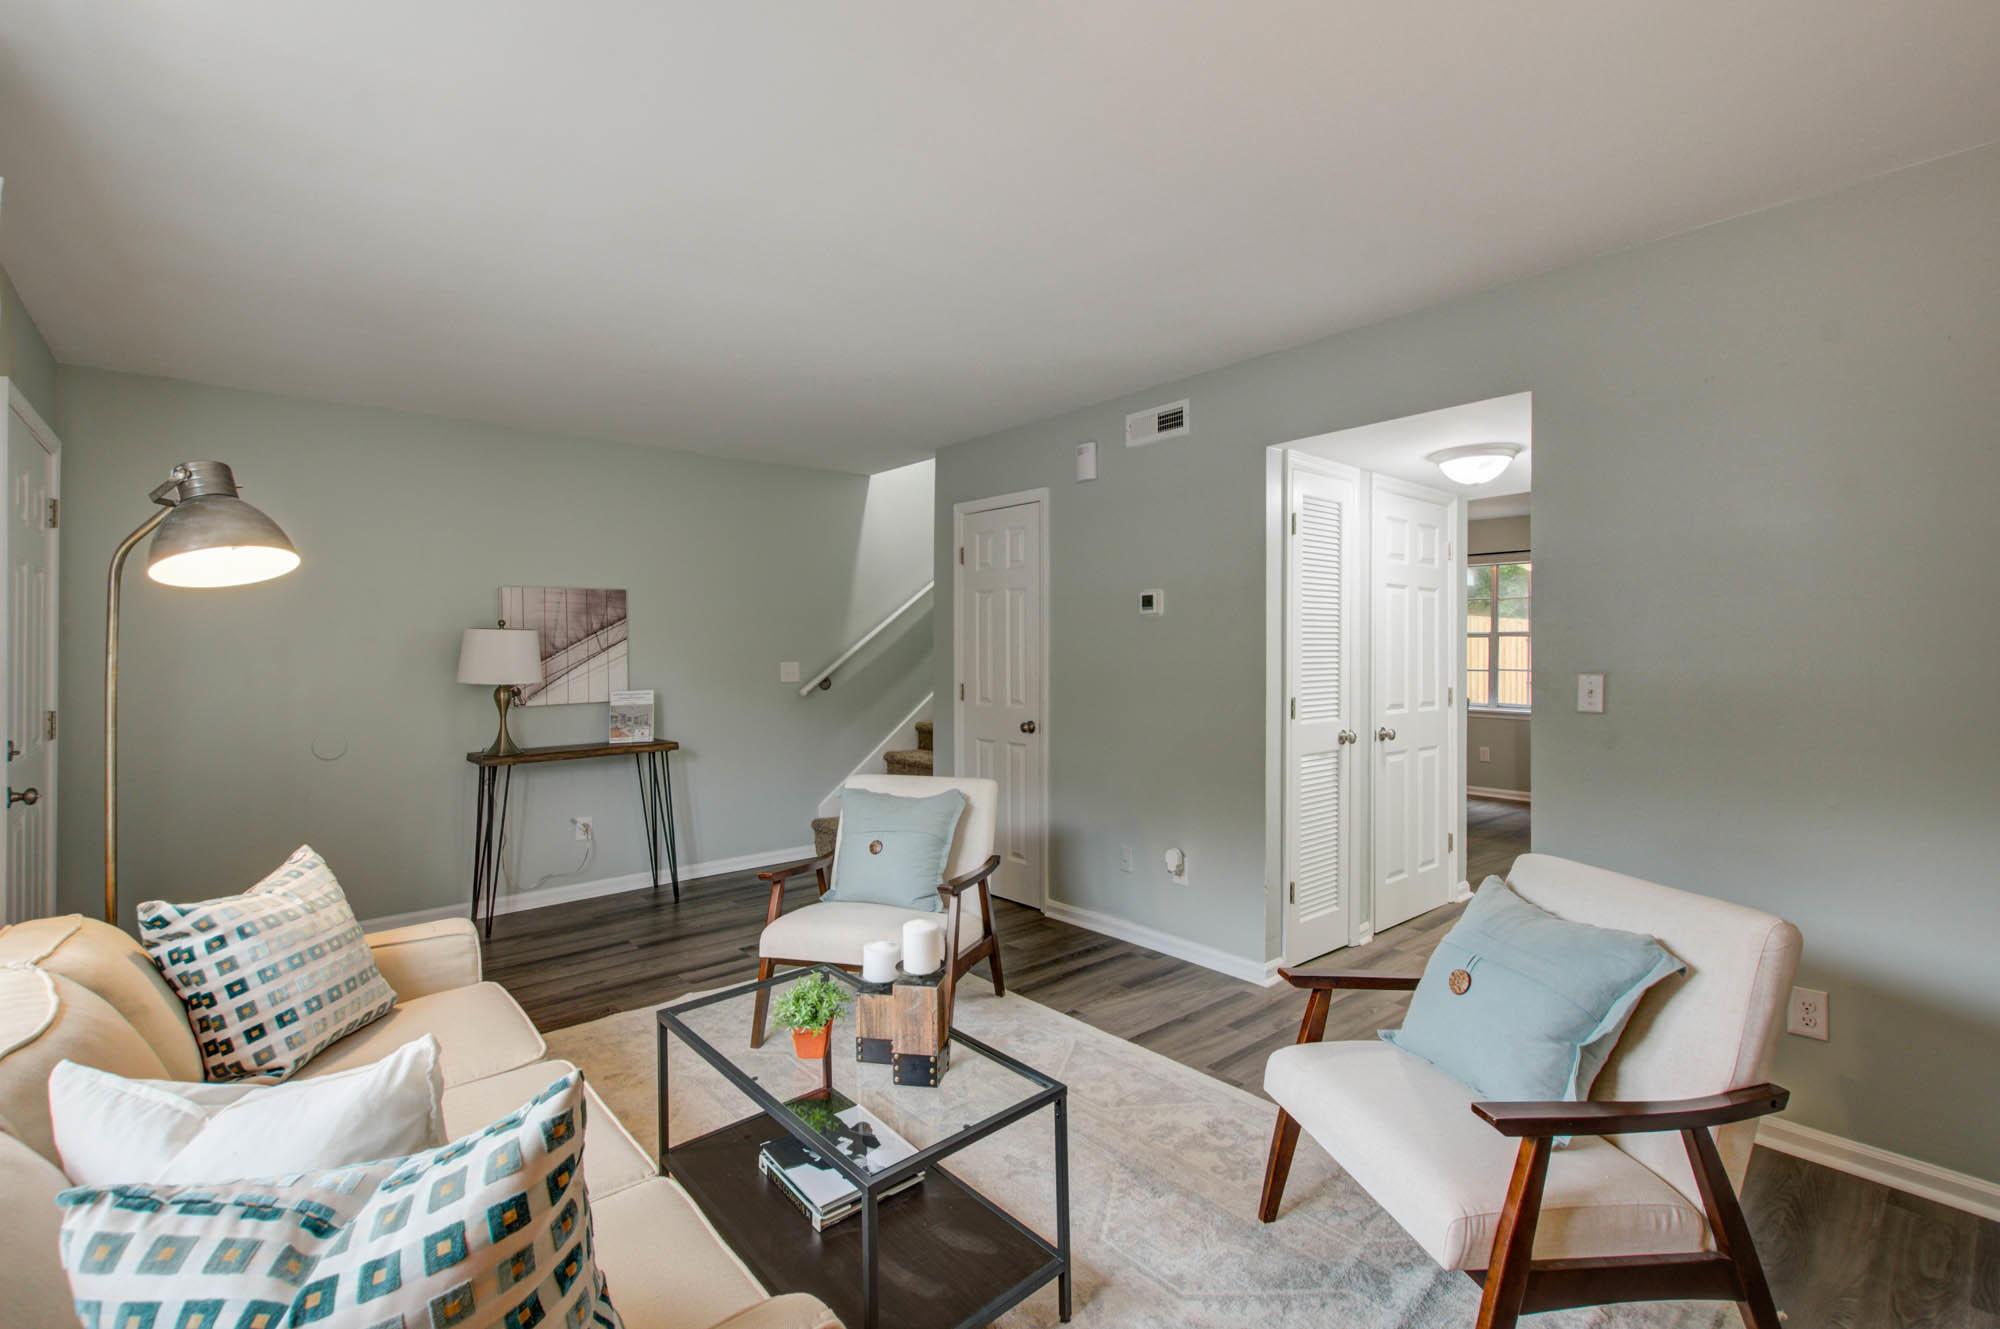 Wando East Homes For Sale - 1526 Nantahala, Mount Pleasant, SC - 0